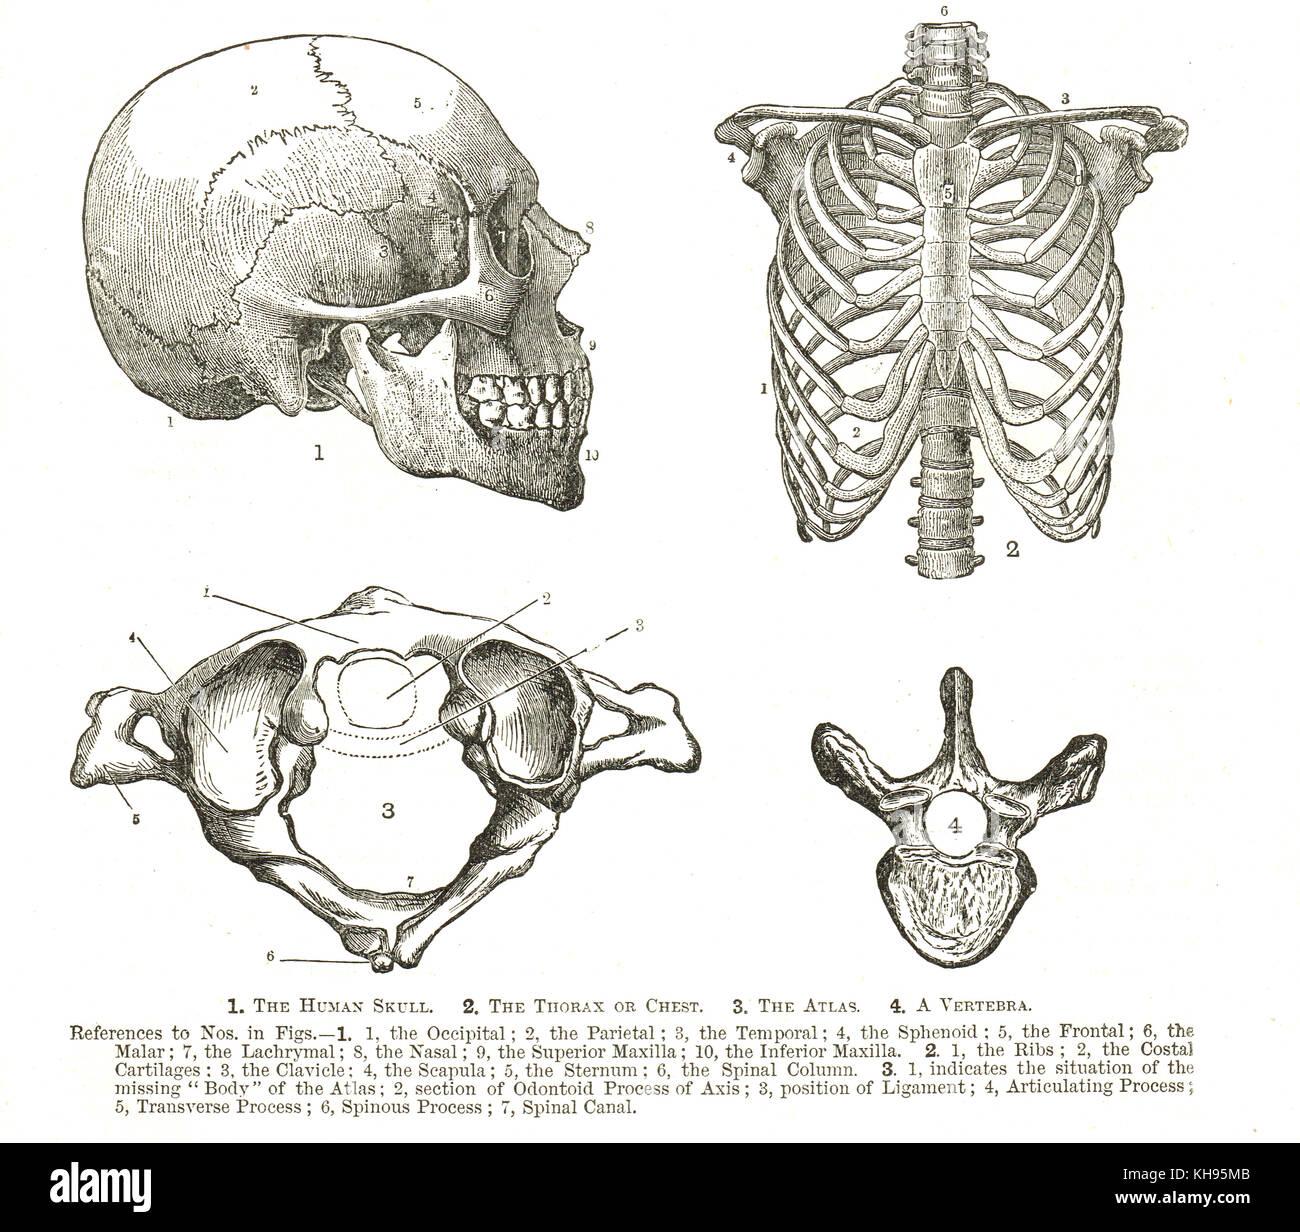 Der menschlichen Anatomie, 19 Diagramme, menschlicher Schädel ...